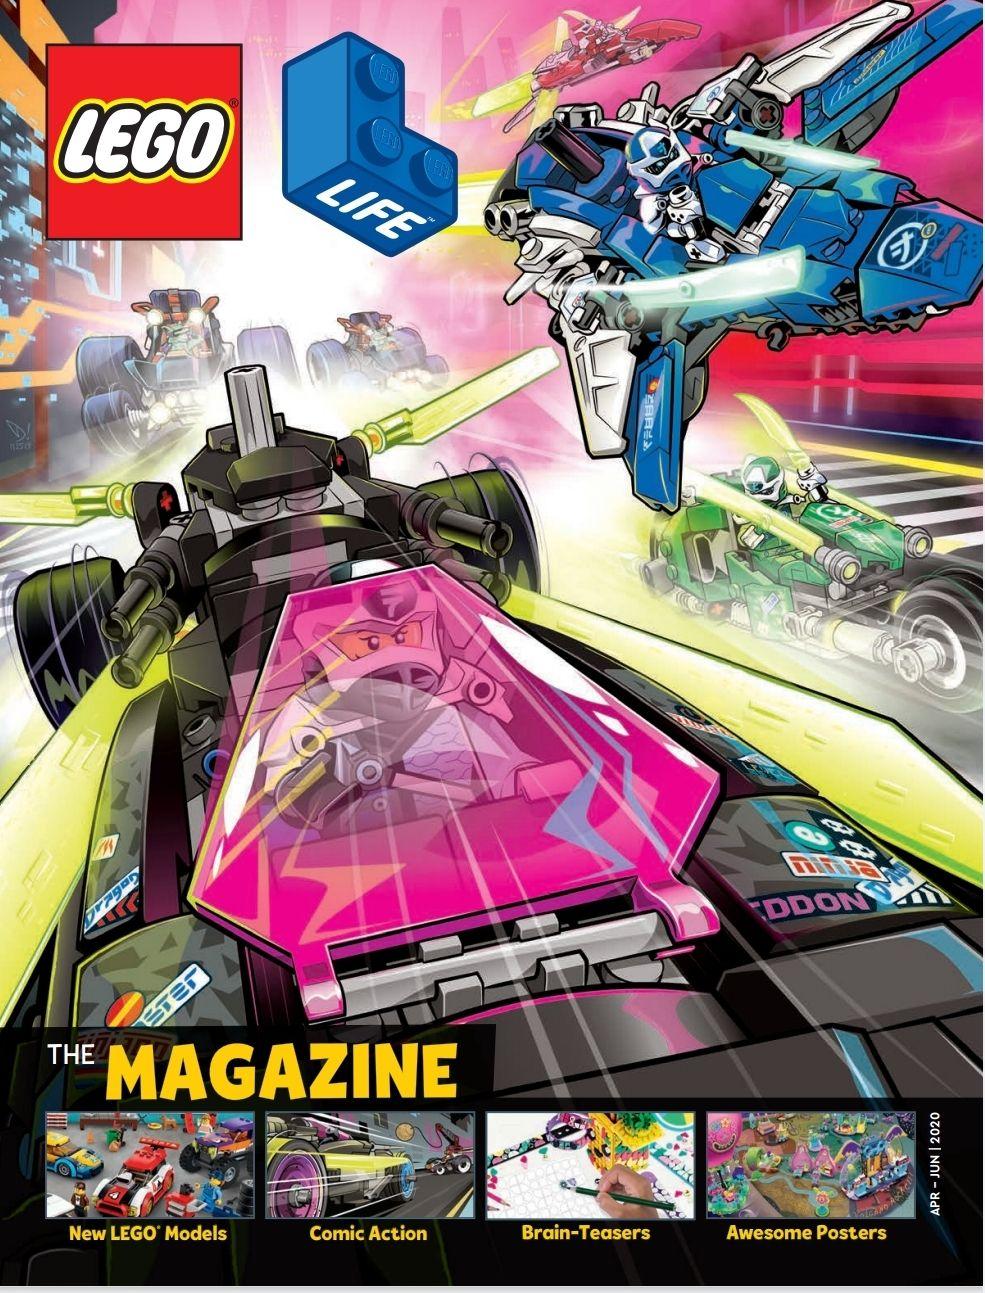 Gratis 4x per jaar het Lego magazine